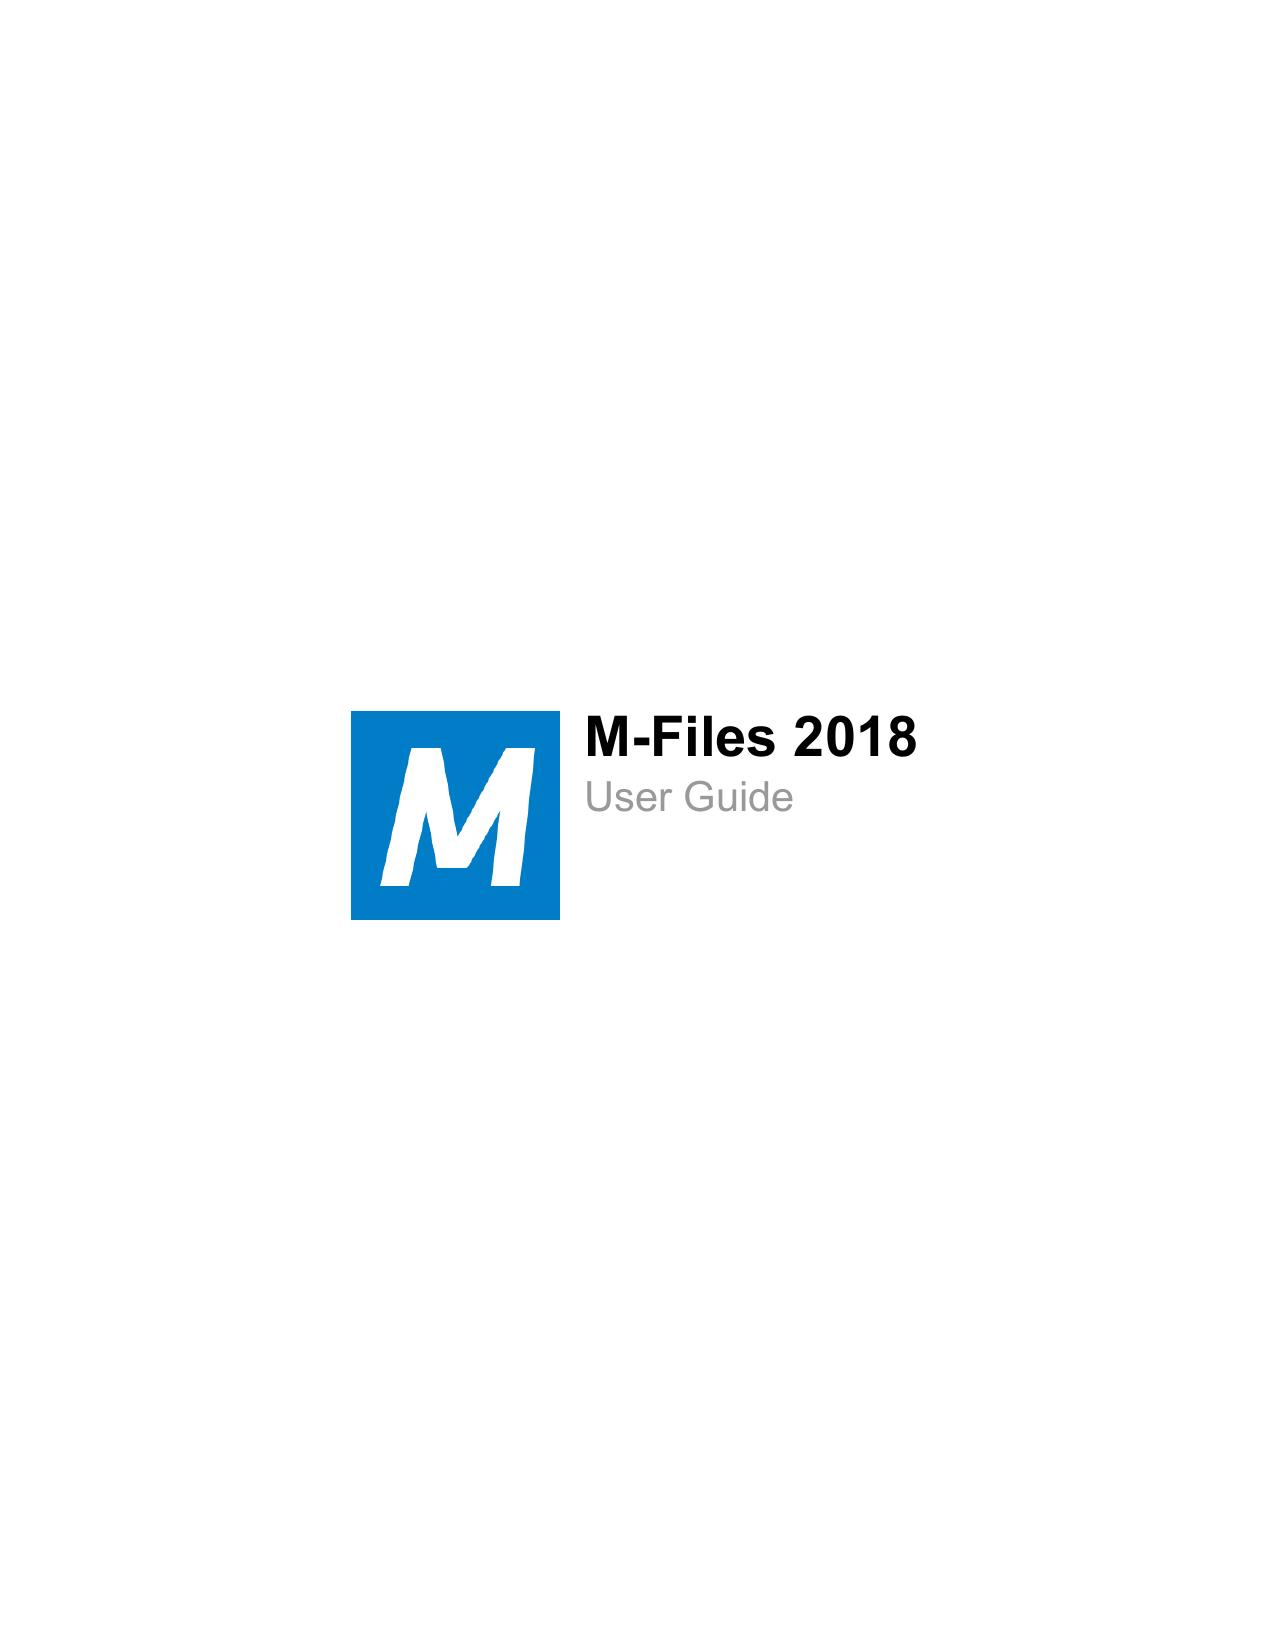 M-Files User Guide | manualzz com